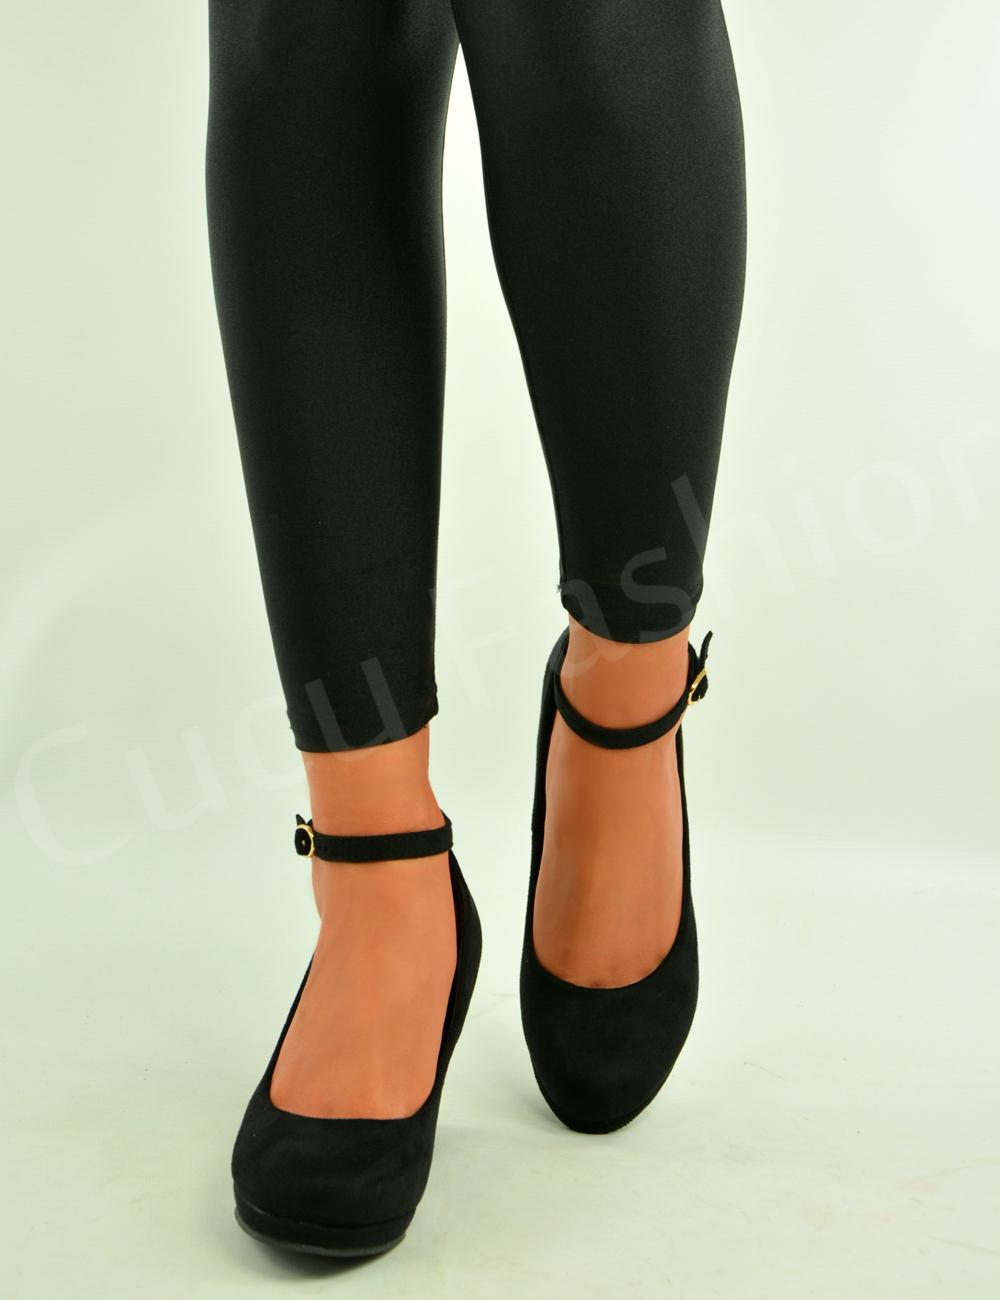 Ladies Womens Wedge Pumps Ankle Strap High Heels Platform